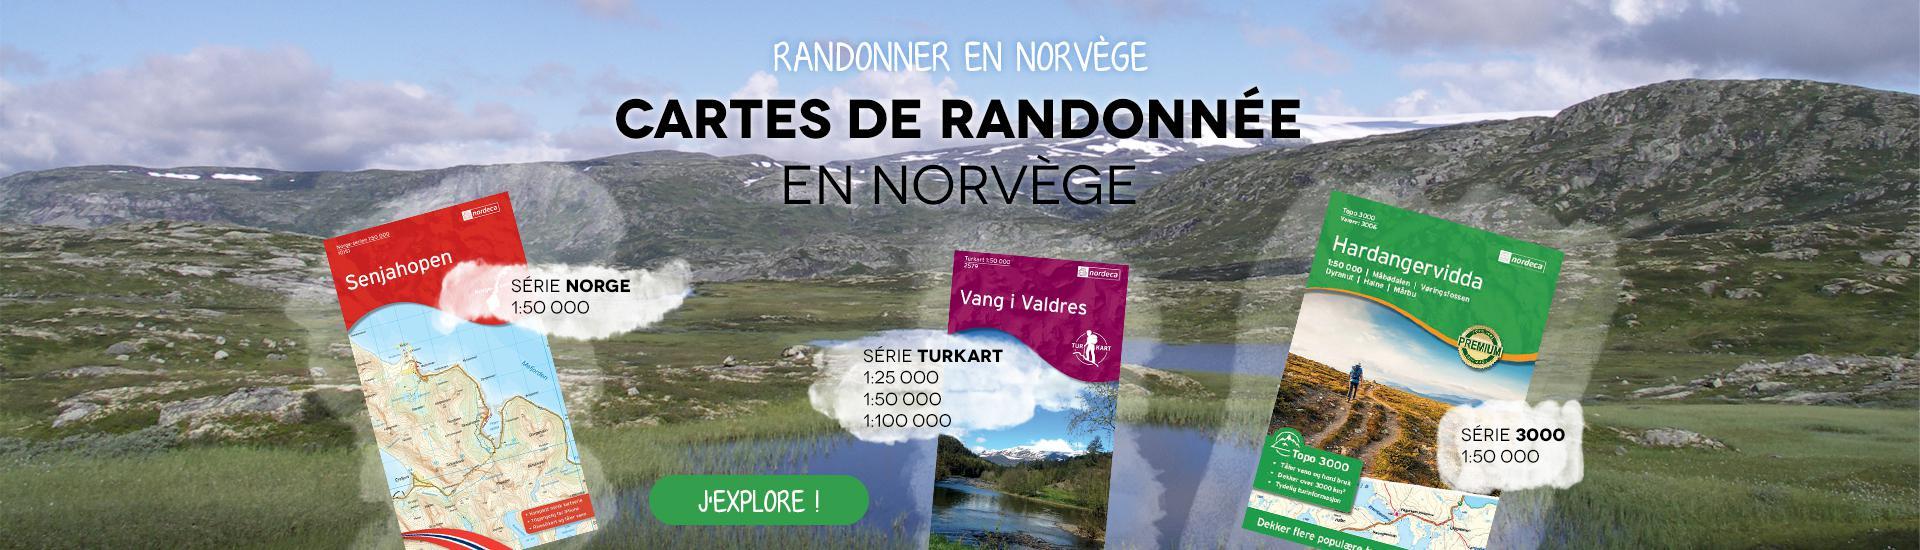 Cartes de rando Norvège